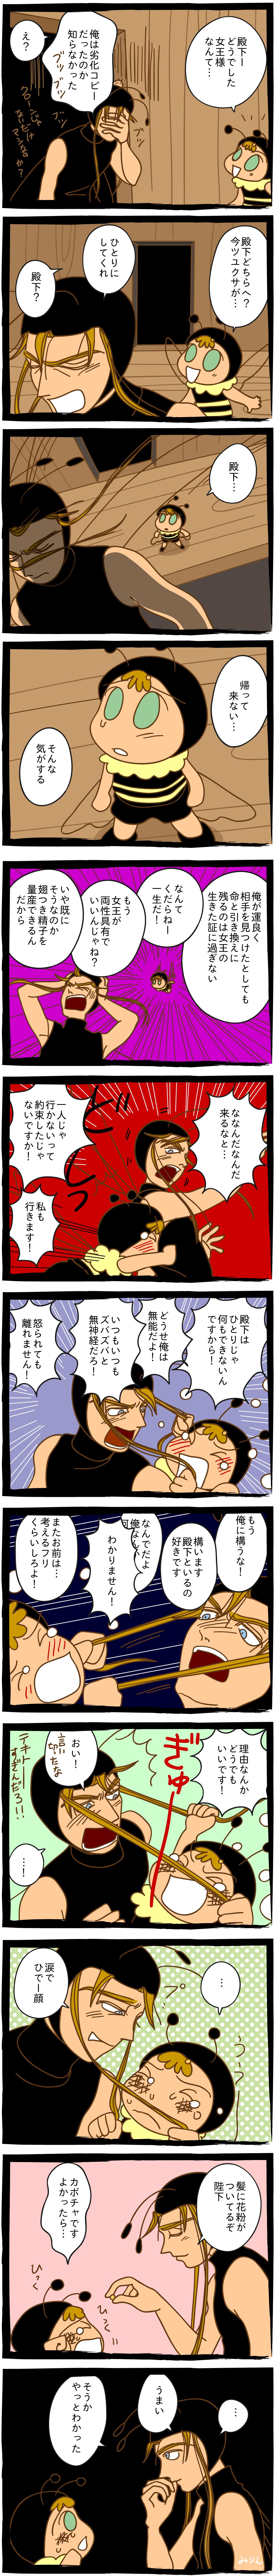 みつばち漫画みつばちさん:55. ああっ女王様っ!(6)